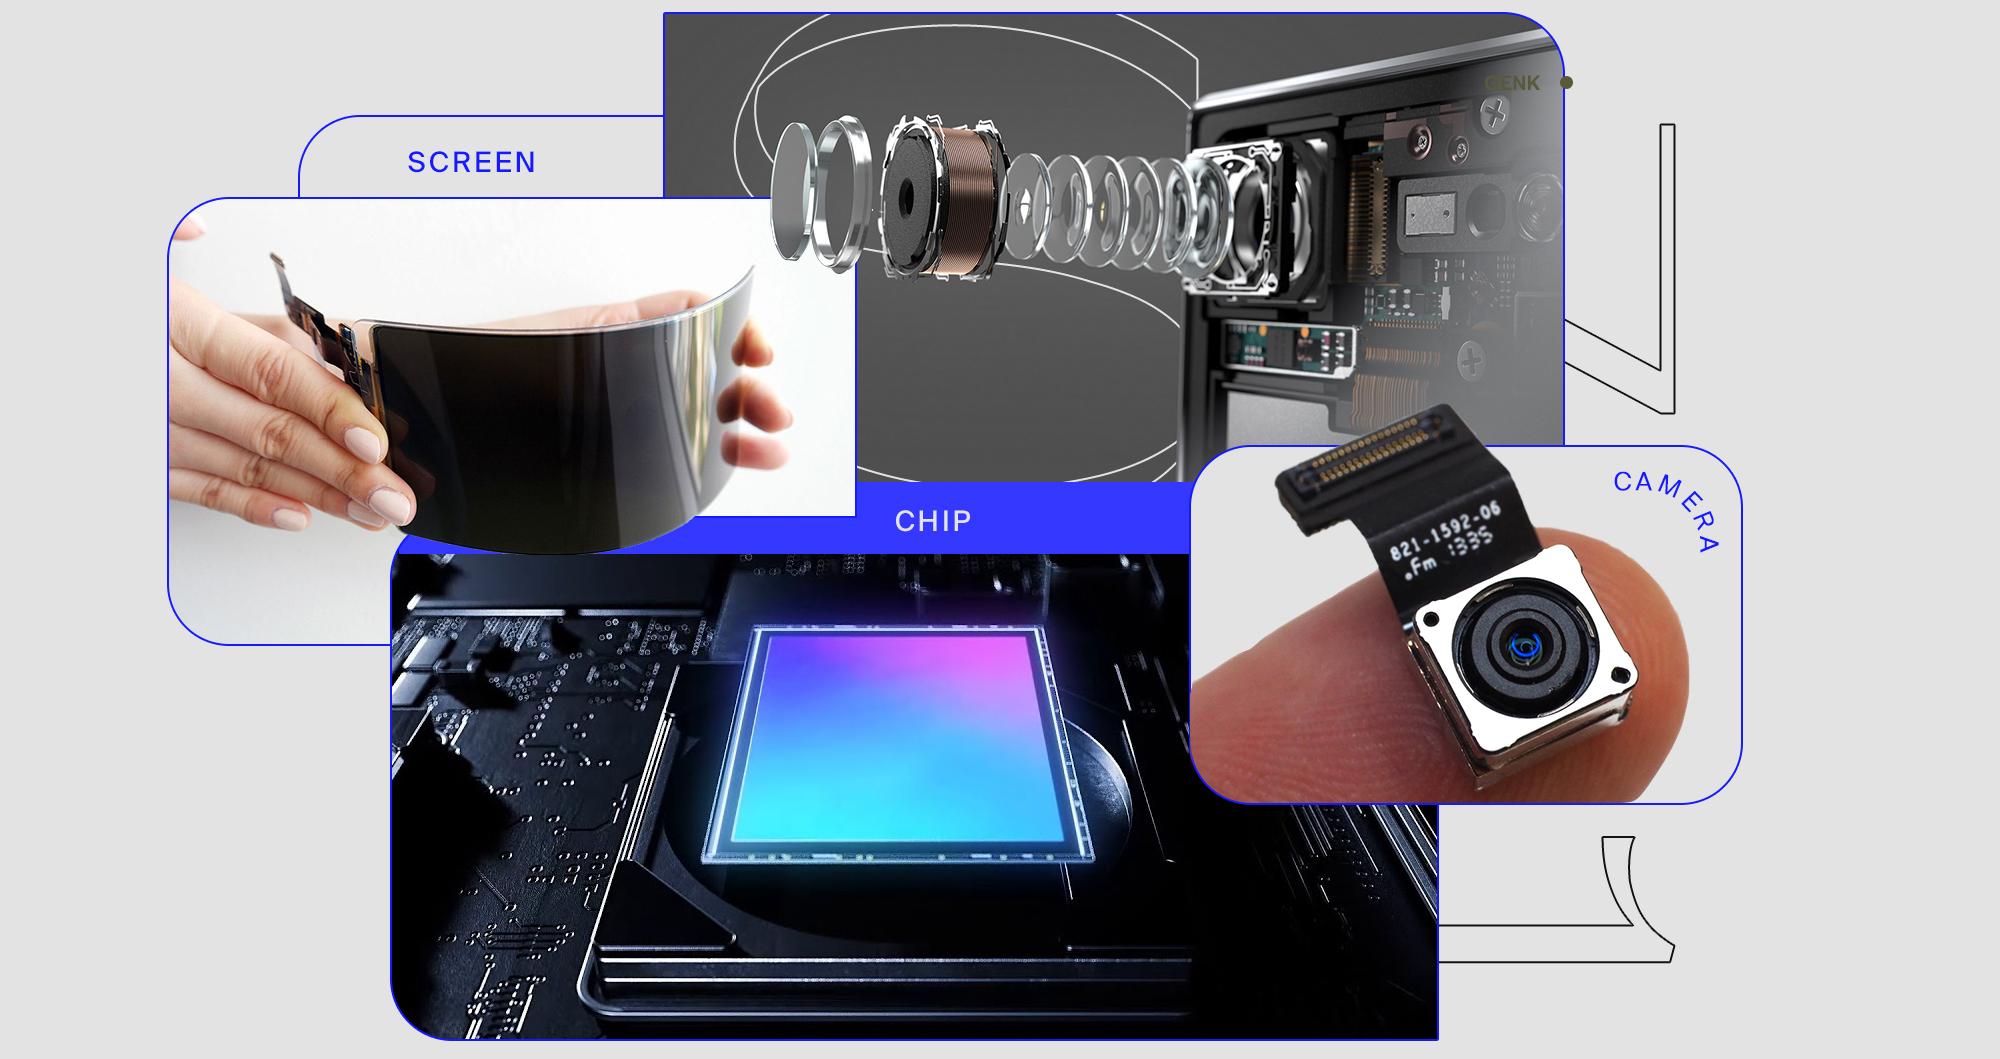 Mổ xẻ linh kiện Galaxy A71, bạn sẽ hiểu lợi thế quá ưu việt của Samsung trước các đối thủ là gì - Ảnh 5.